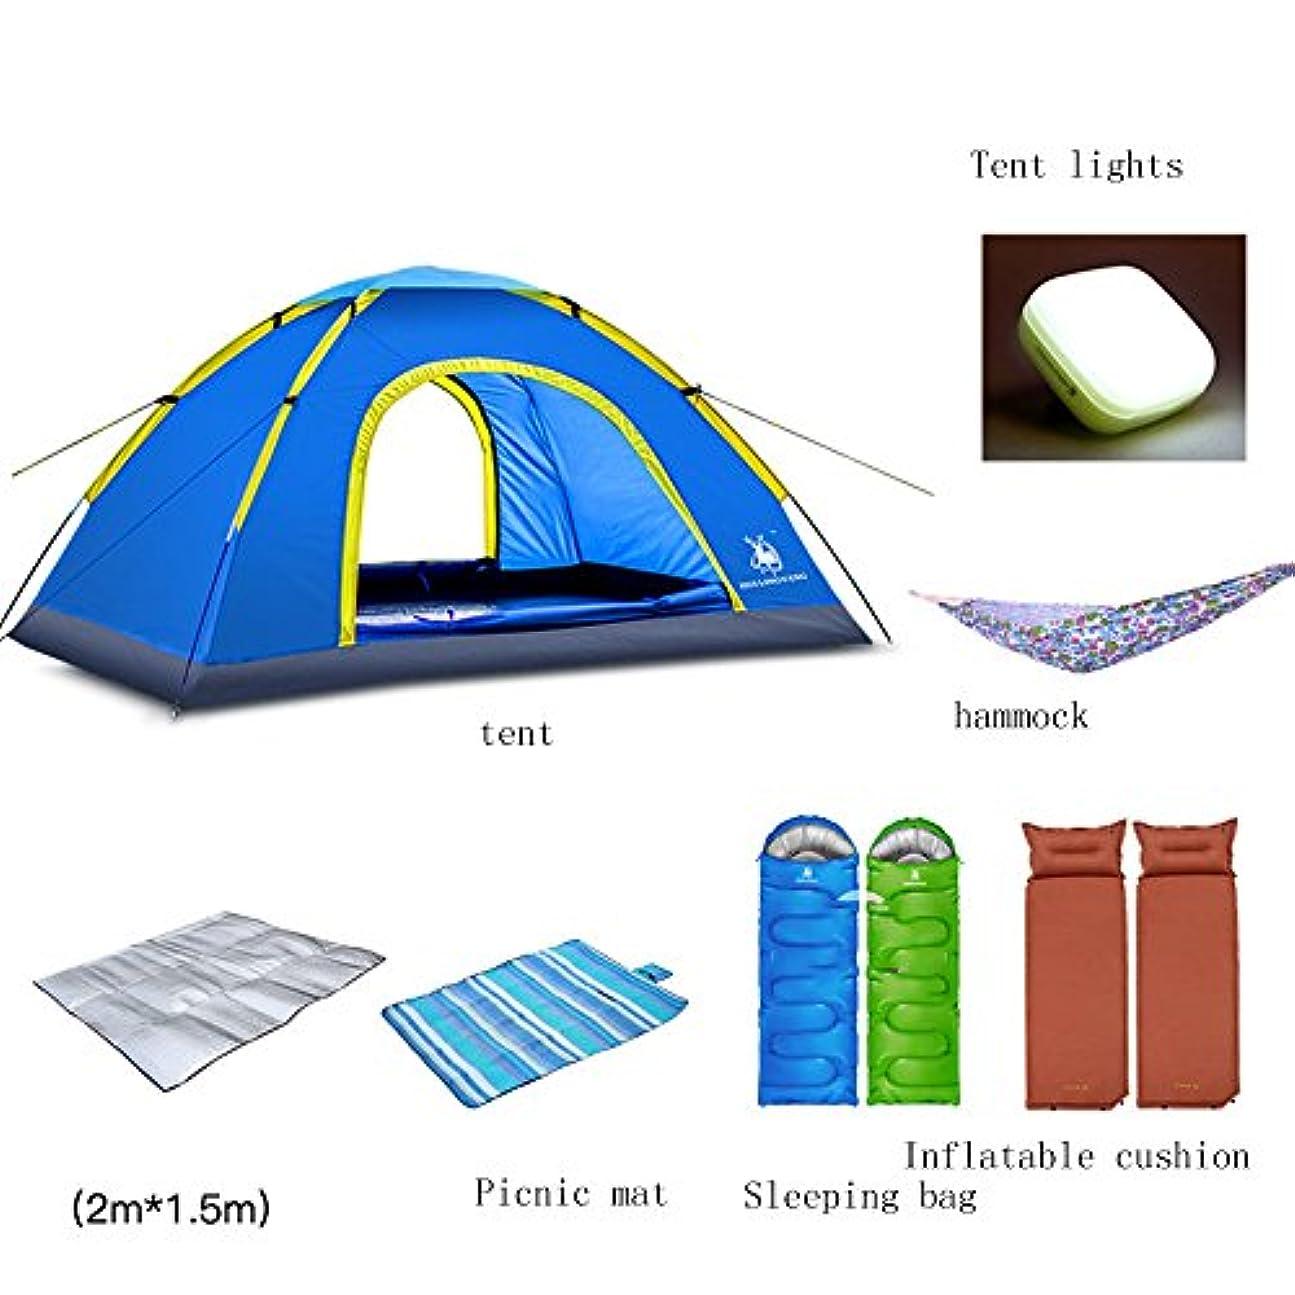 近所の眠りエゴイズムQFFL zhangpeng テントキャンプ用テントを屋外に2?3人キャンプテントキャンプカップルレジャー釣り用アカウント4色オプション トンネルテント (色 : D)